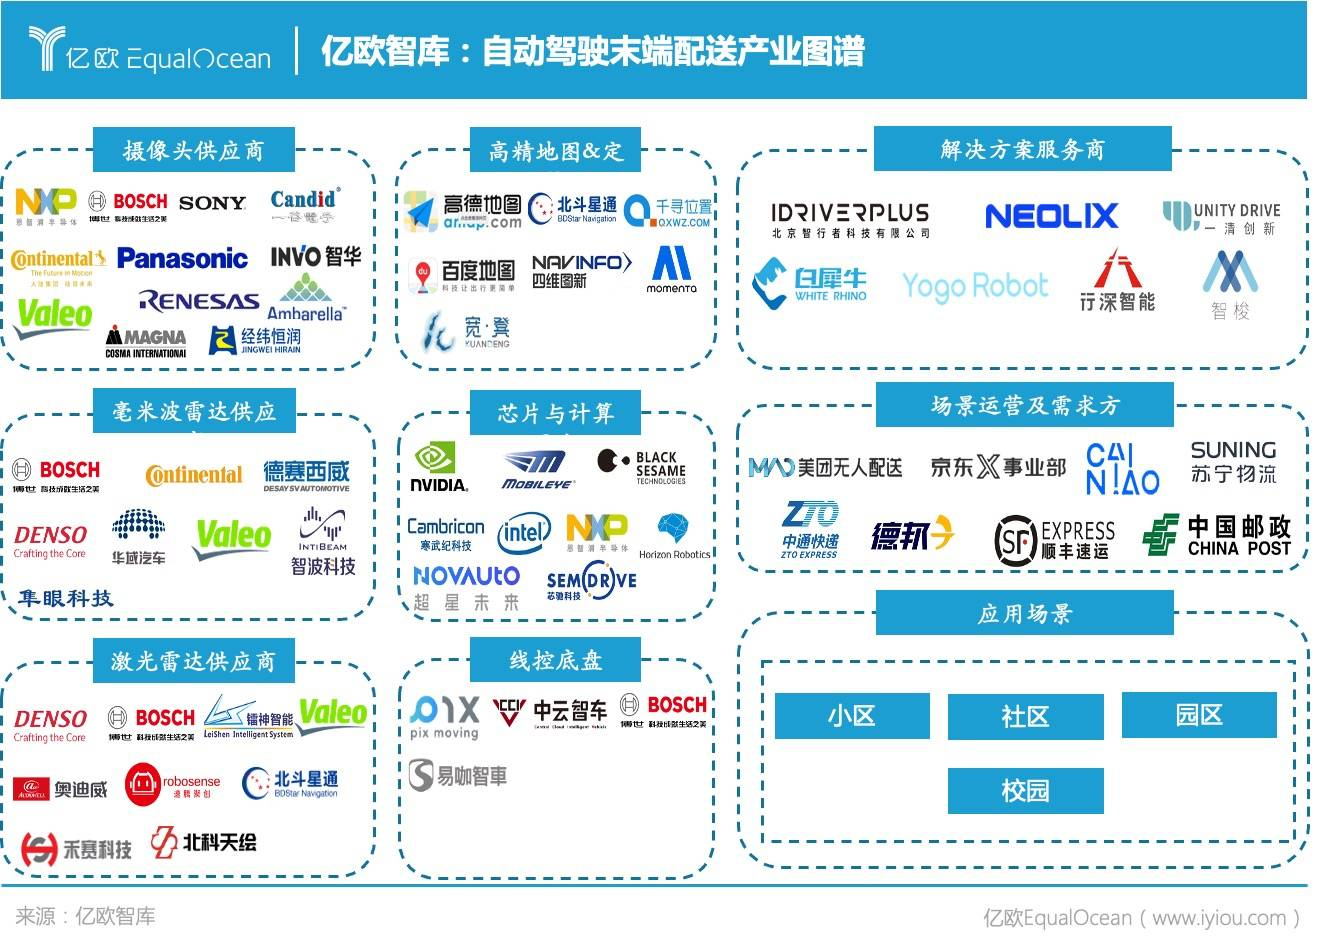 亿欧智库:自动驾驶末端配送产业图